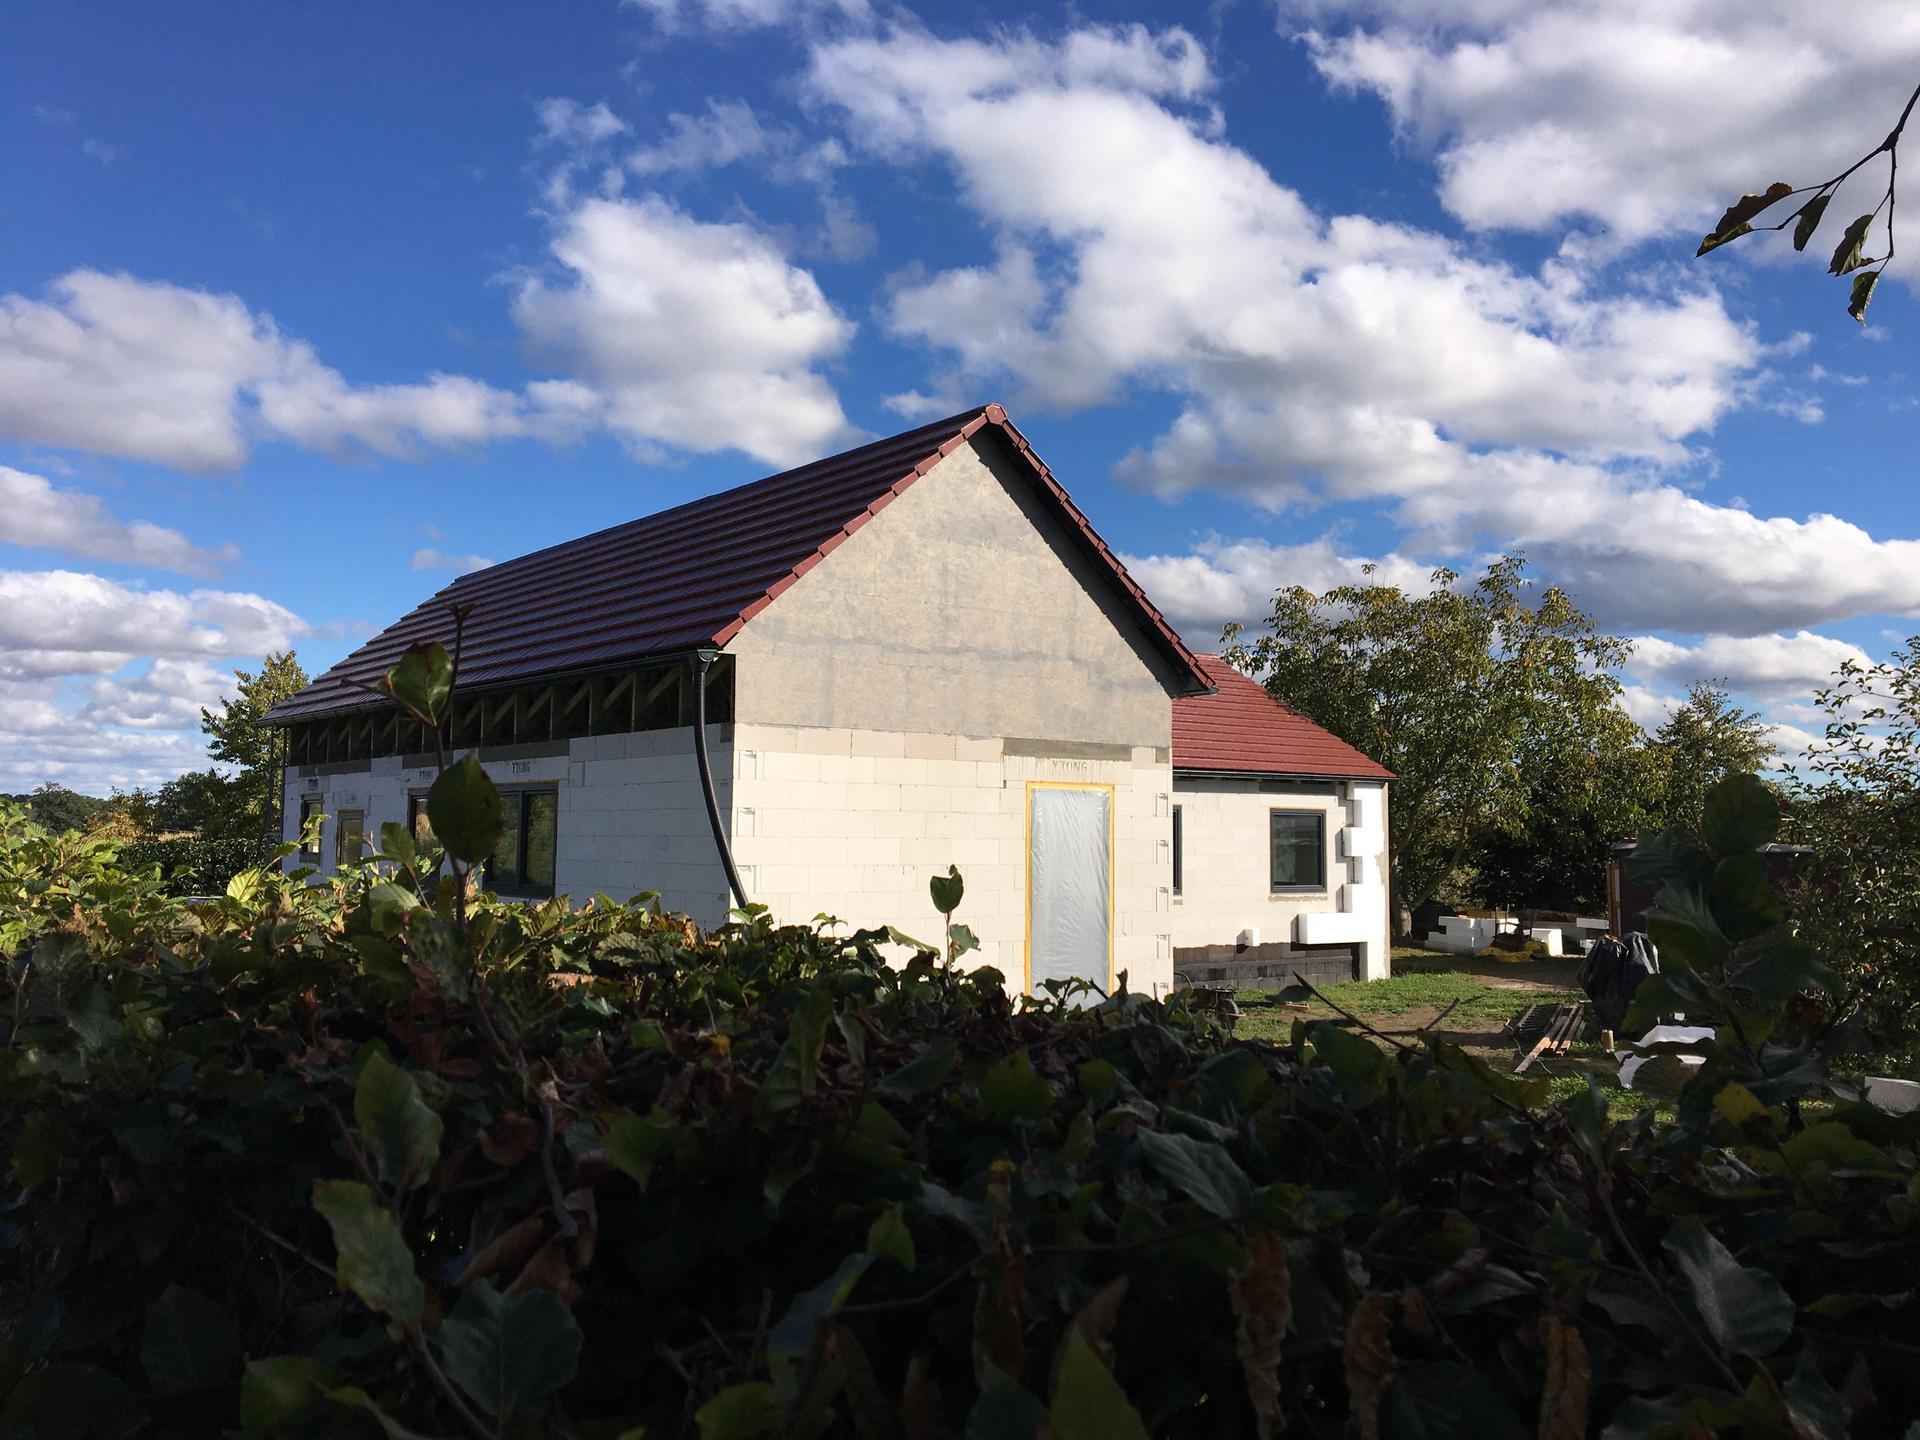 Dům do L - stavba 2020/2021 - 29.9.2020 Zaklopené štíty